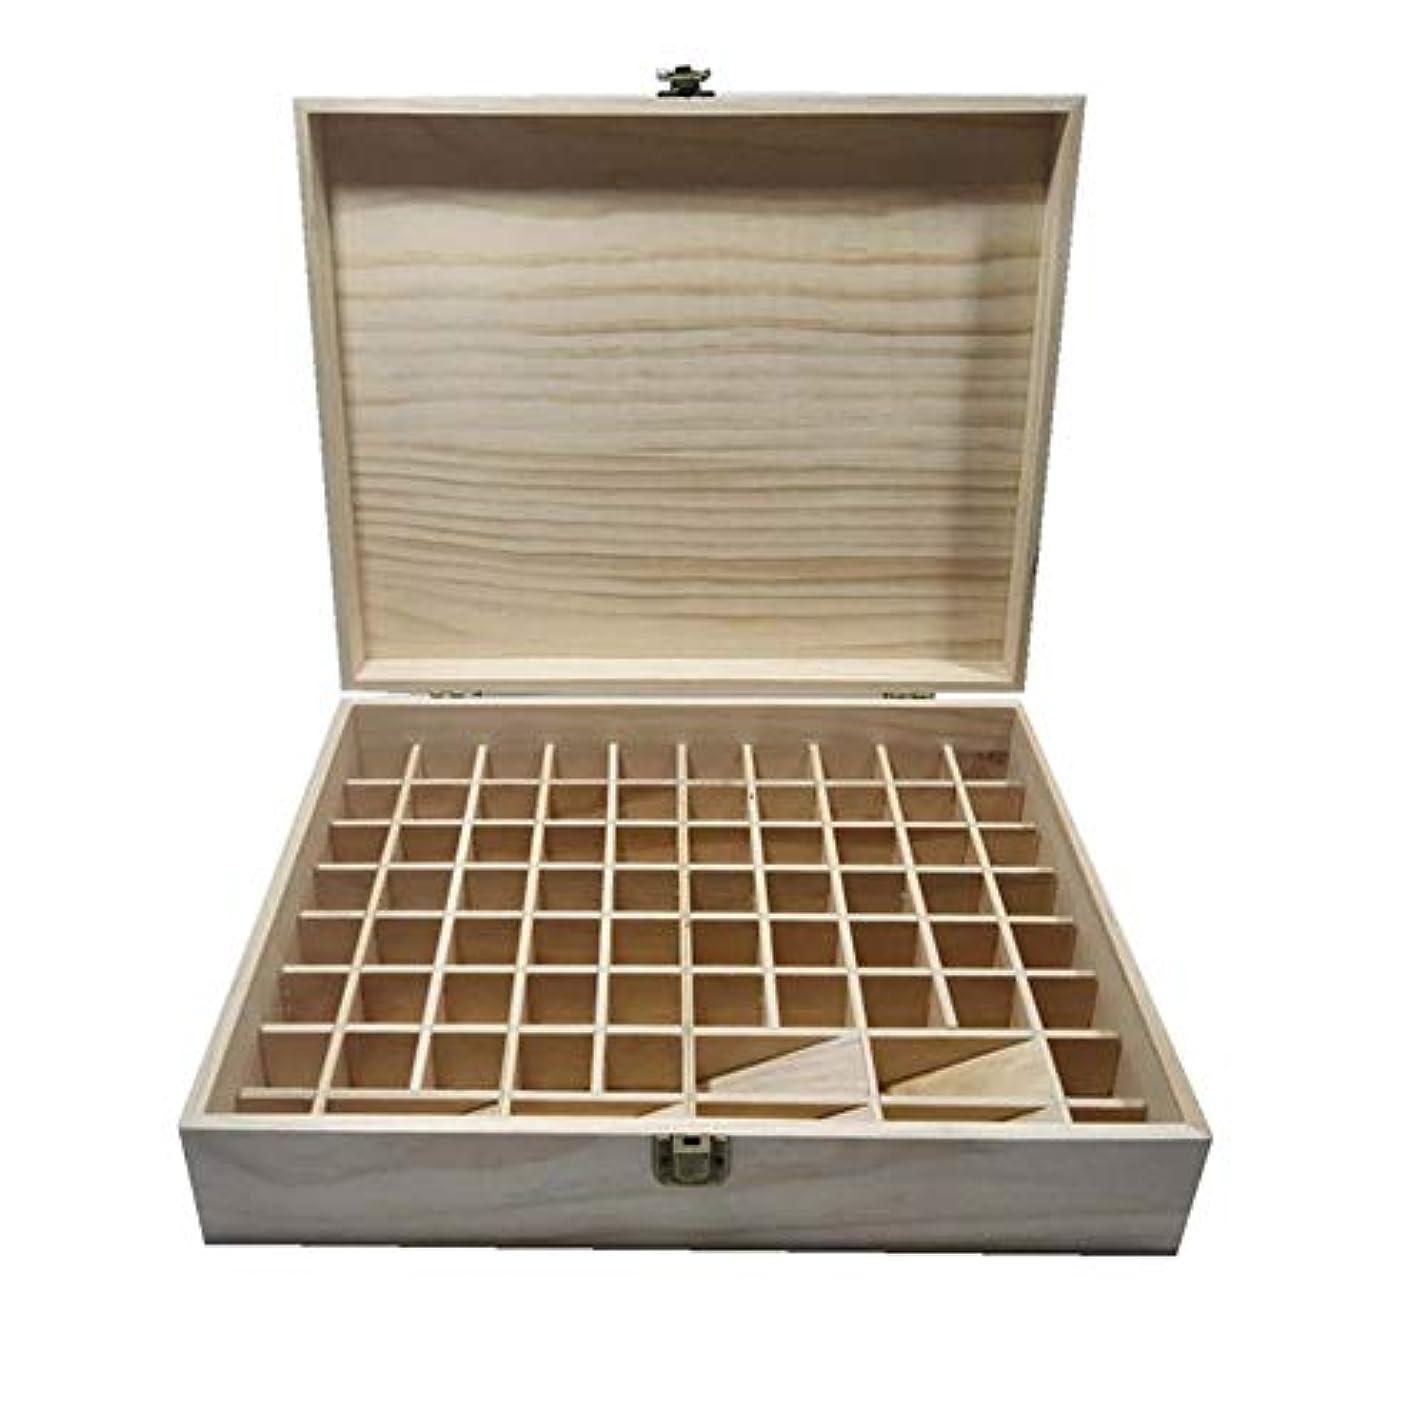 どちらか不明瞭腸エッセンシャルオイルの保管 74スロットエッセンシャルオイルボックス木製収納ケースは、74本のボトルエッセンシャルオイルスペースセーバーの開催します (色 : Natural, サイズ : 34X27.5X9CM)